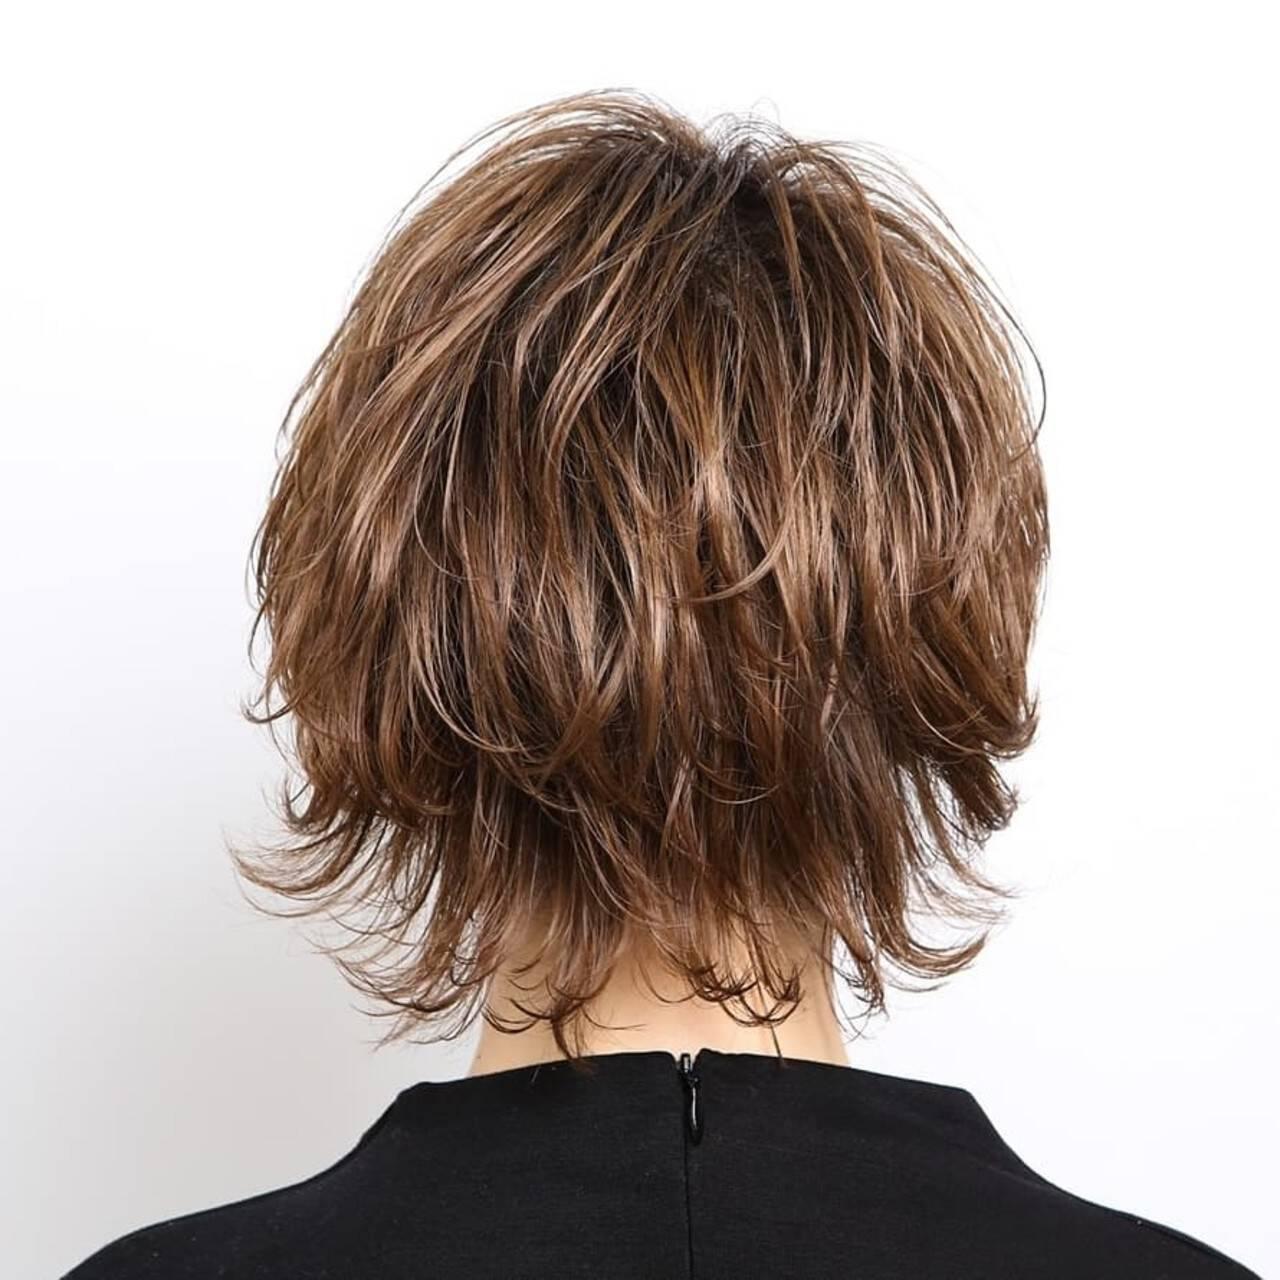 ナチュラル ウルフカット ショート 阿藤俊也ヘアスタイルや髪型の写真・画像